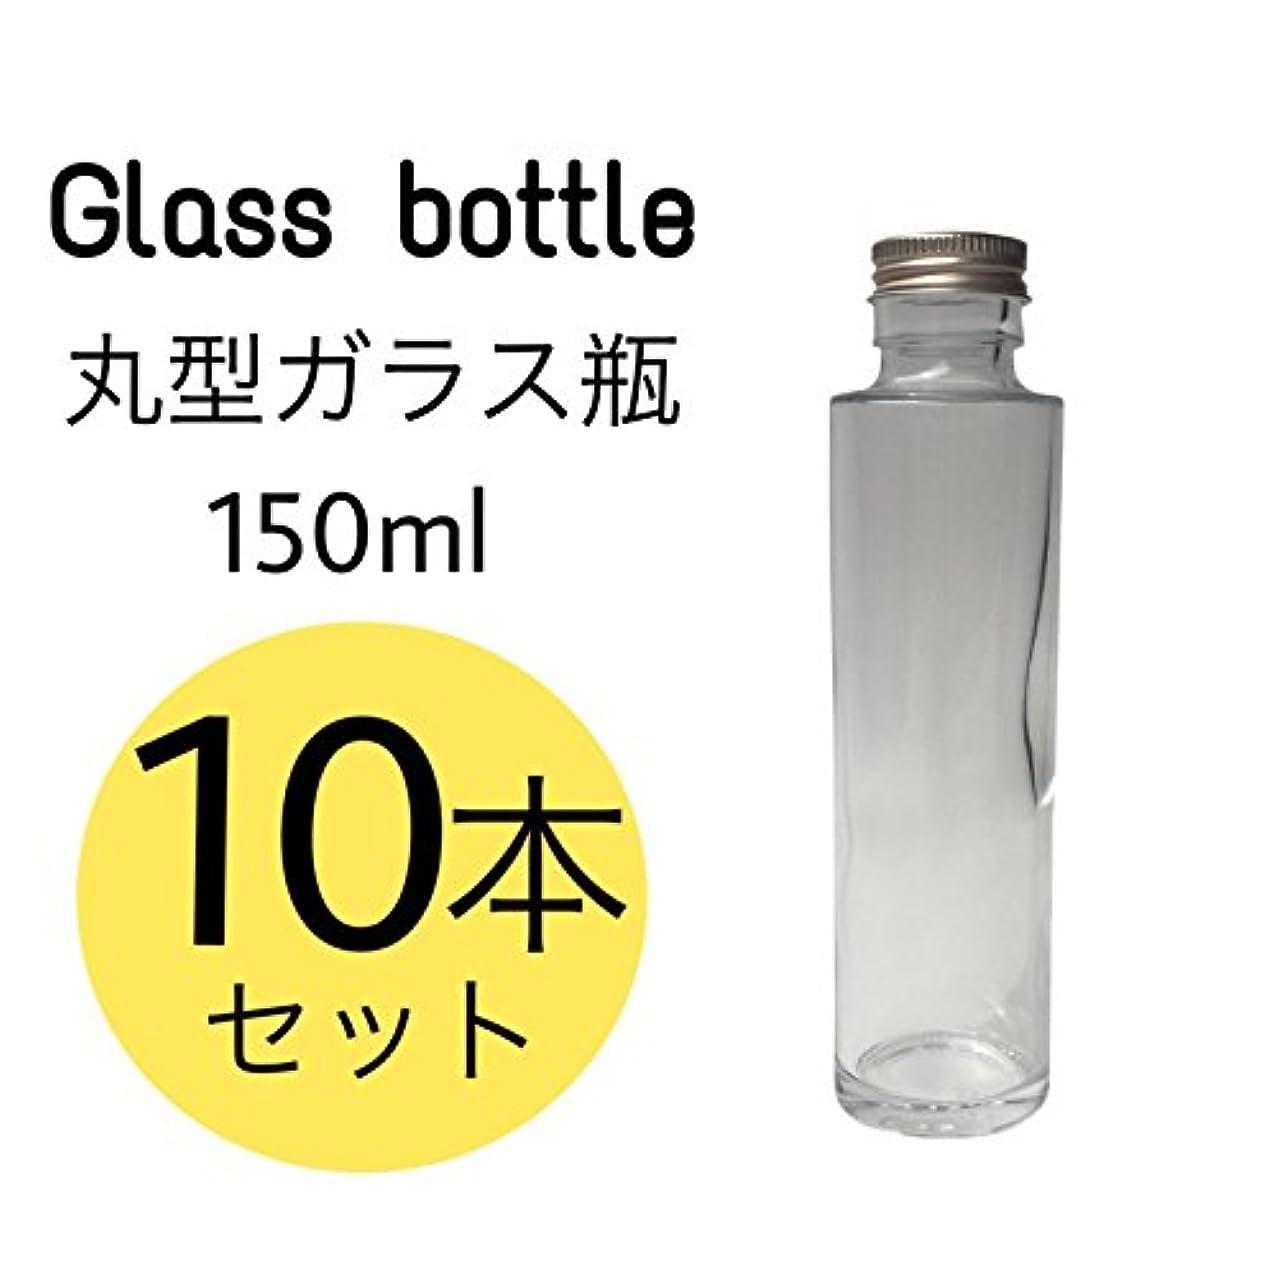 憲法ブリリアントヘビHULALA ハーバリウム用ガラス瓶 日本製 10本セット (丸型 150ml)